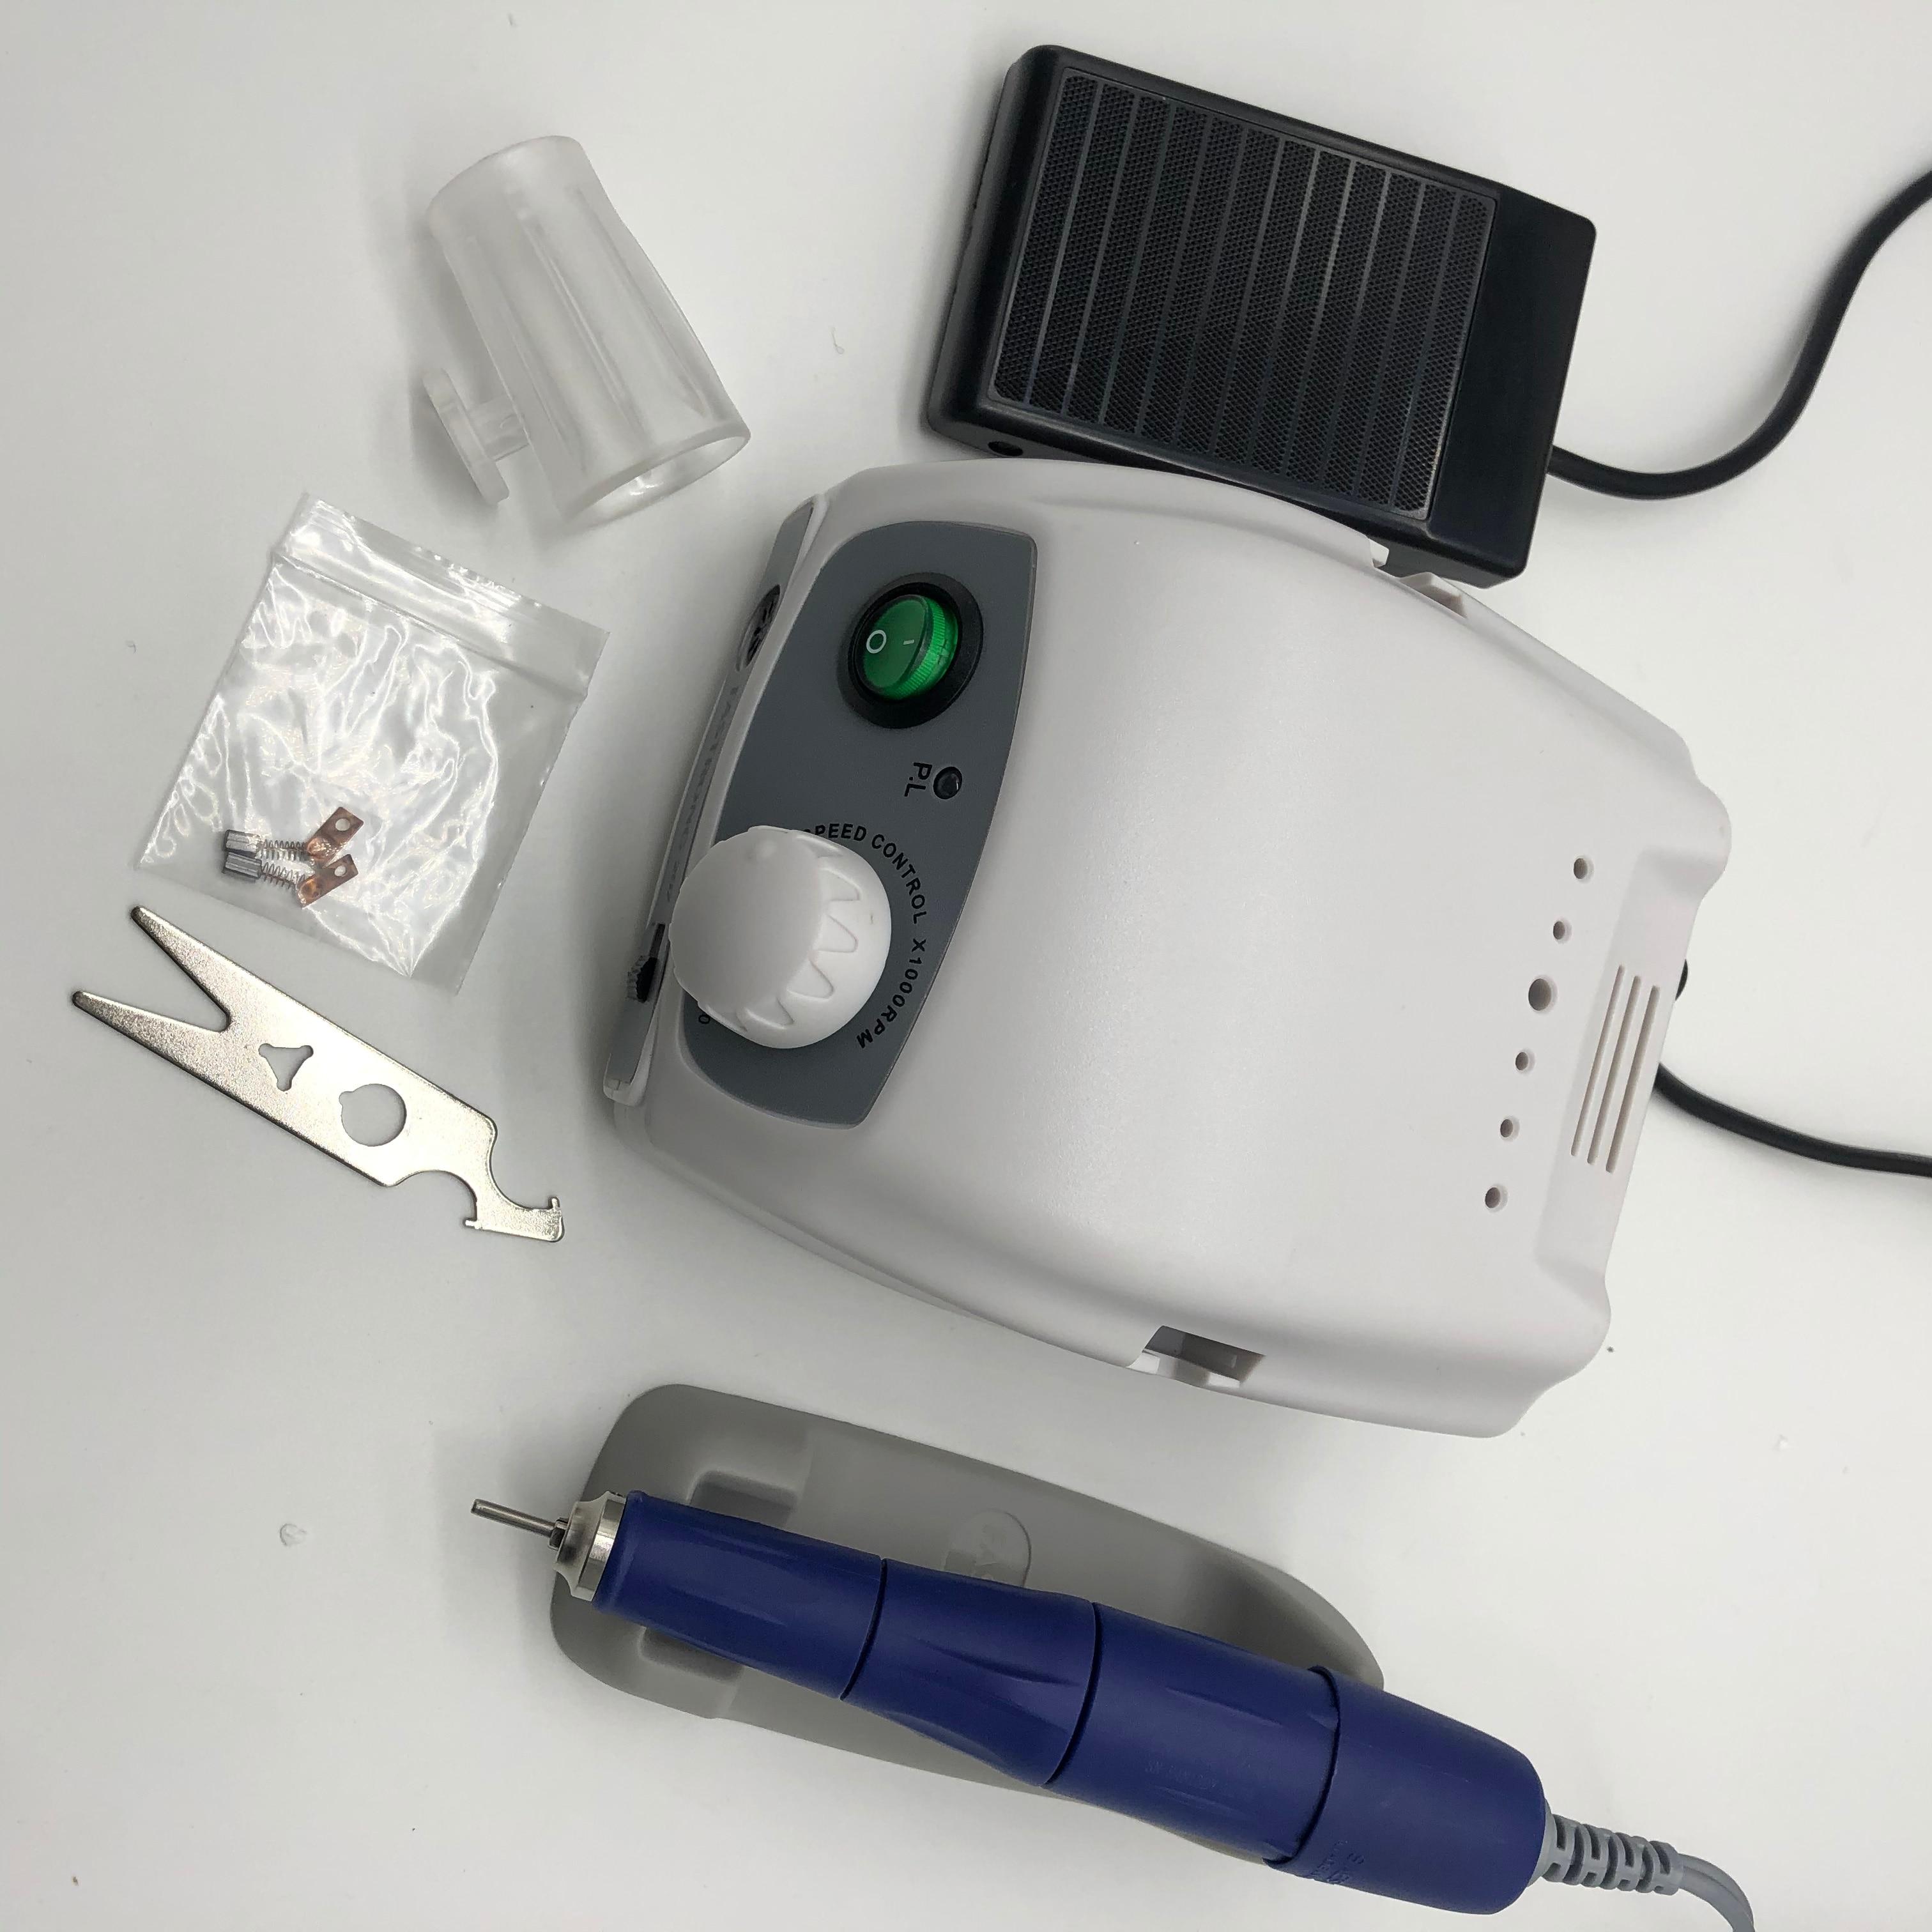 40000 об/мин сильный 210 105L микромотор наконечников и сильный 207B Управление коробка электрический Фрезер для ногтей, сверлильный станок для маникюра, оборудование для маникюра|Электрические маникюрные дрели|   | АлиЭкспресс